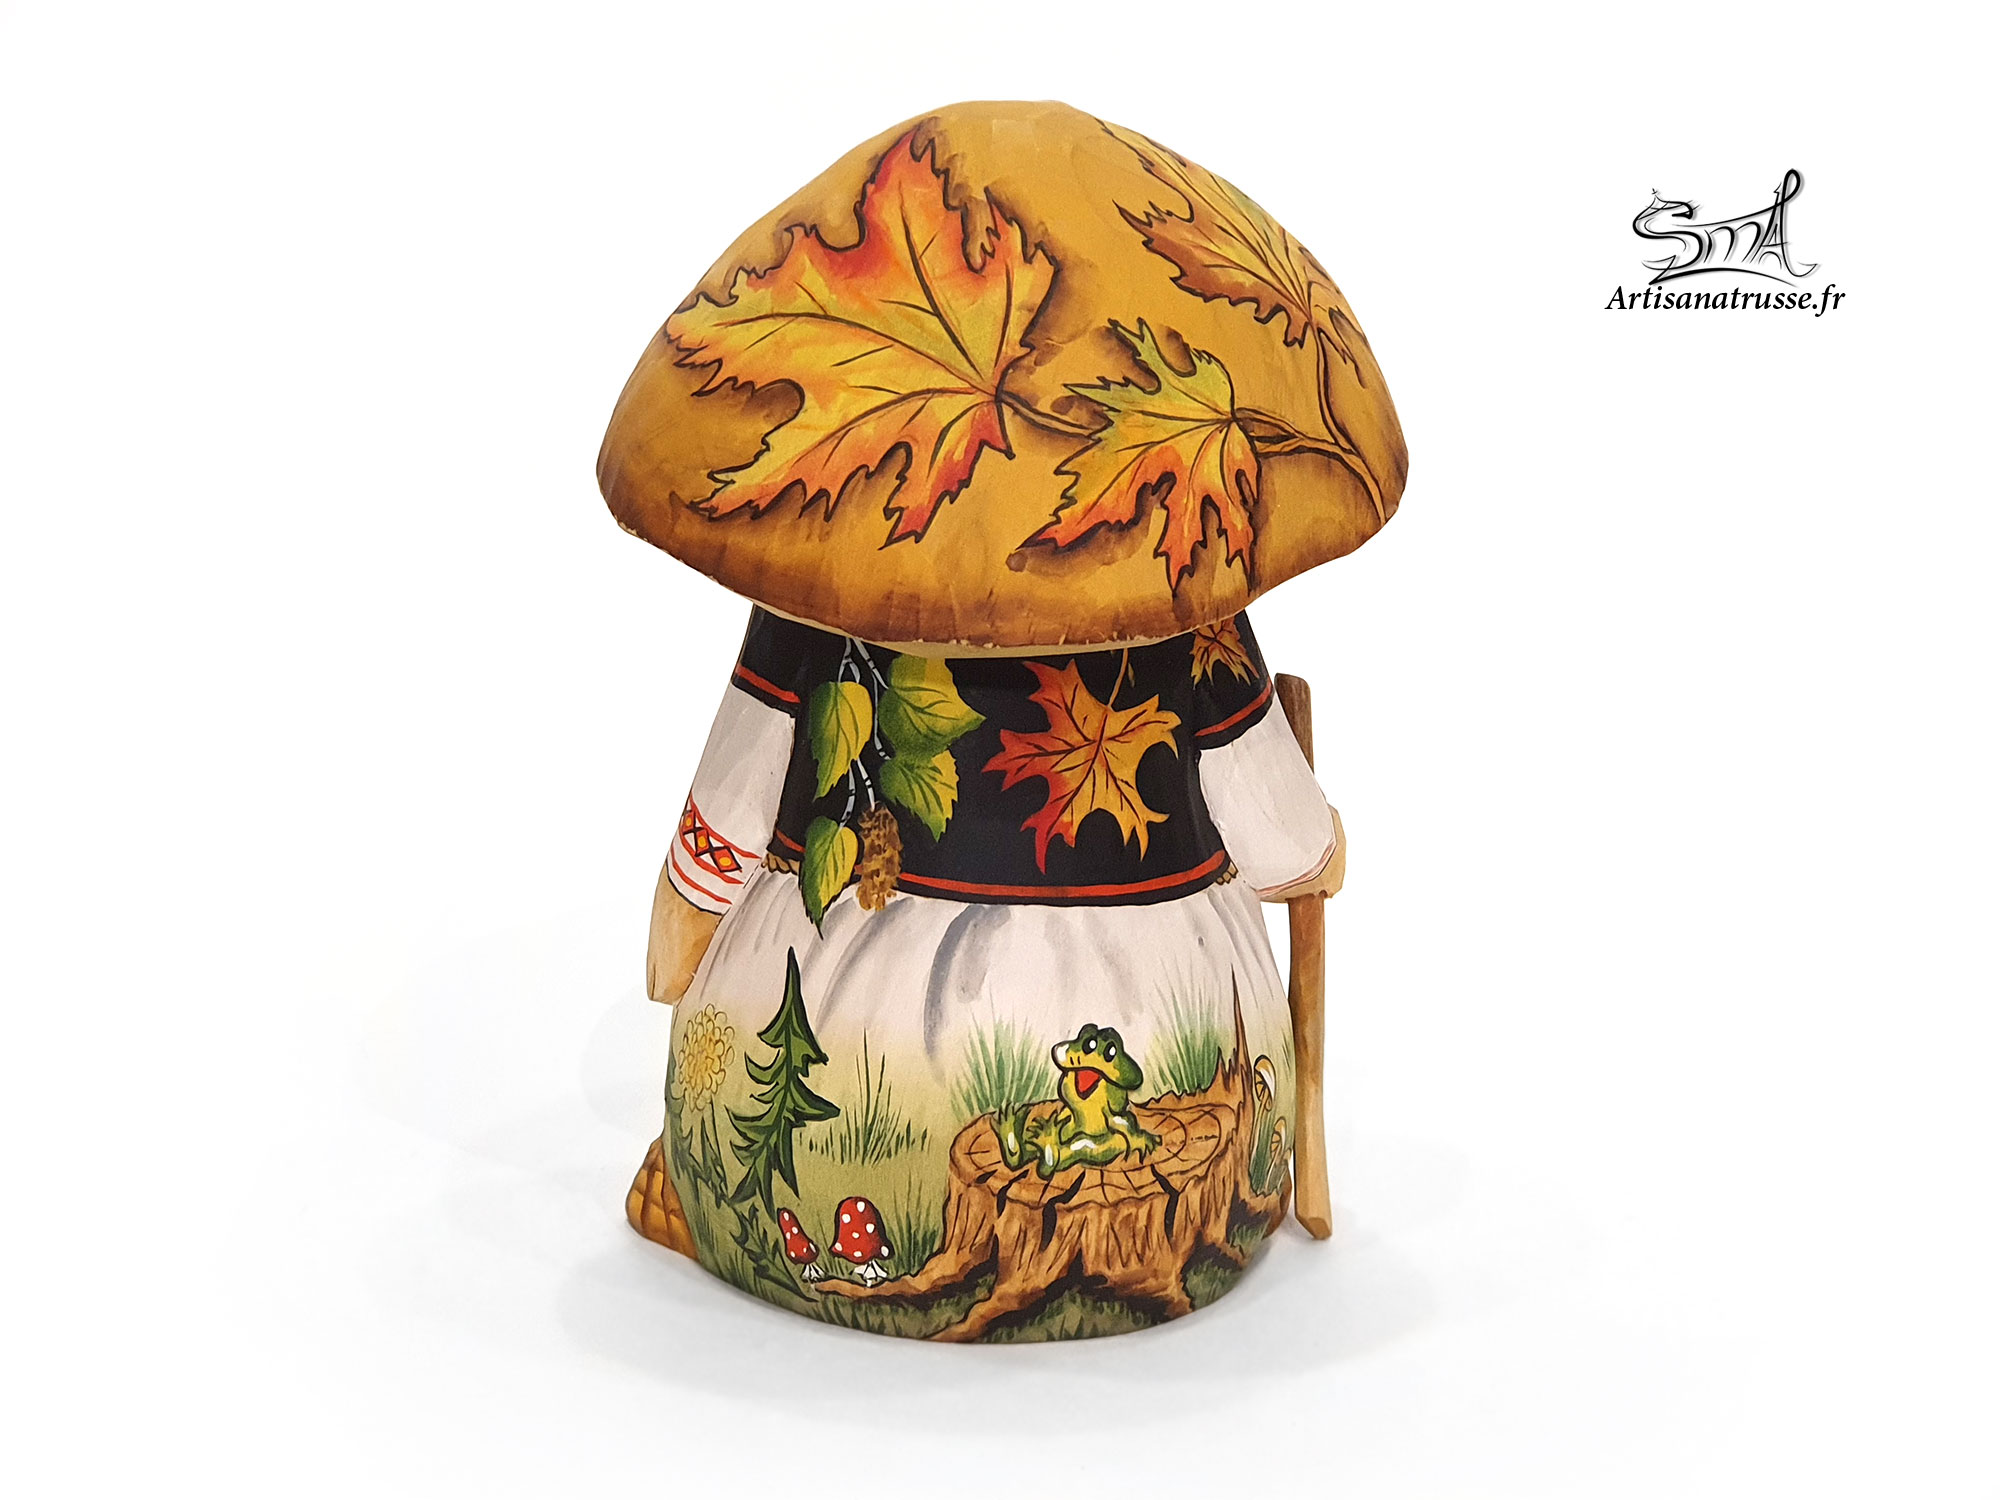 champignon folklorique Russe taillé en bois massif